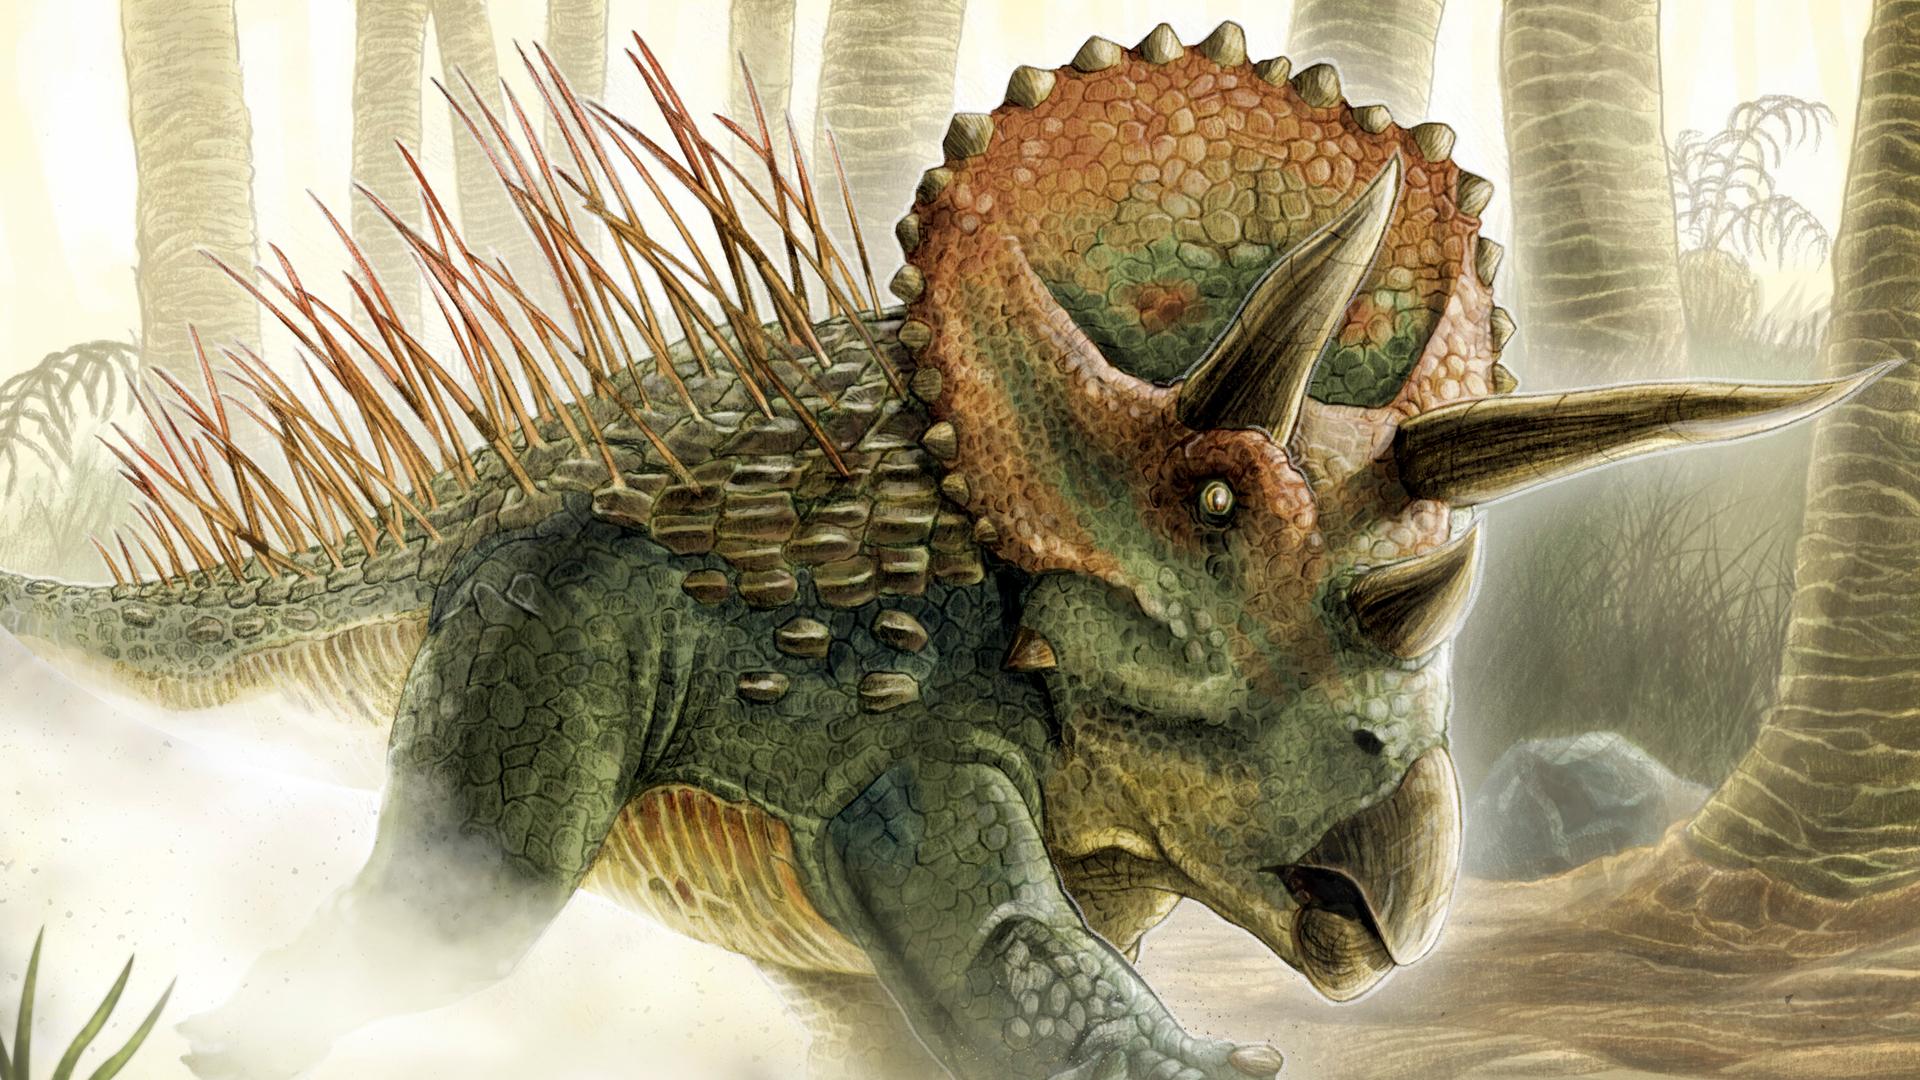 2D Styracosaurus Dinosaur Creature Illustration